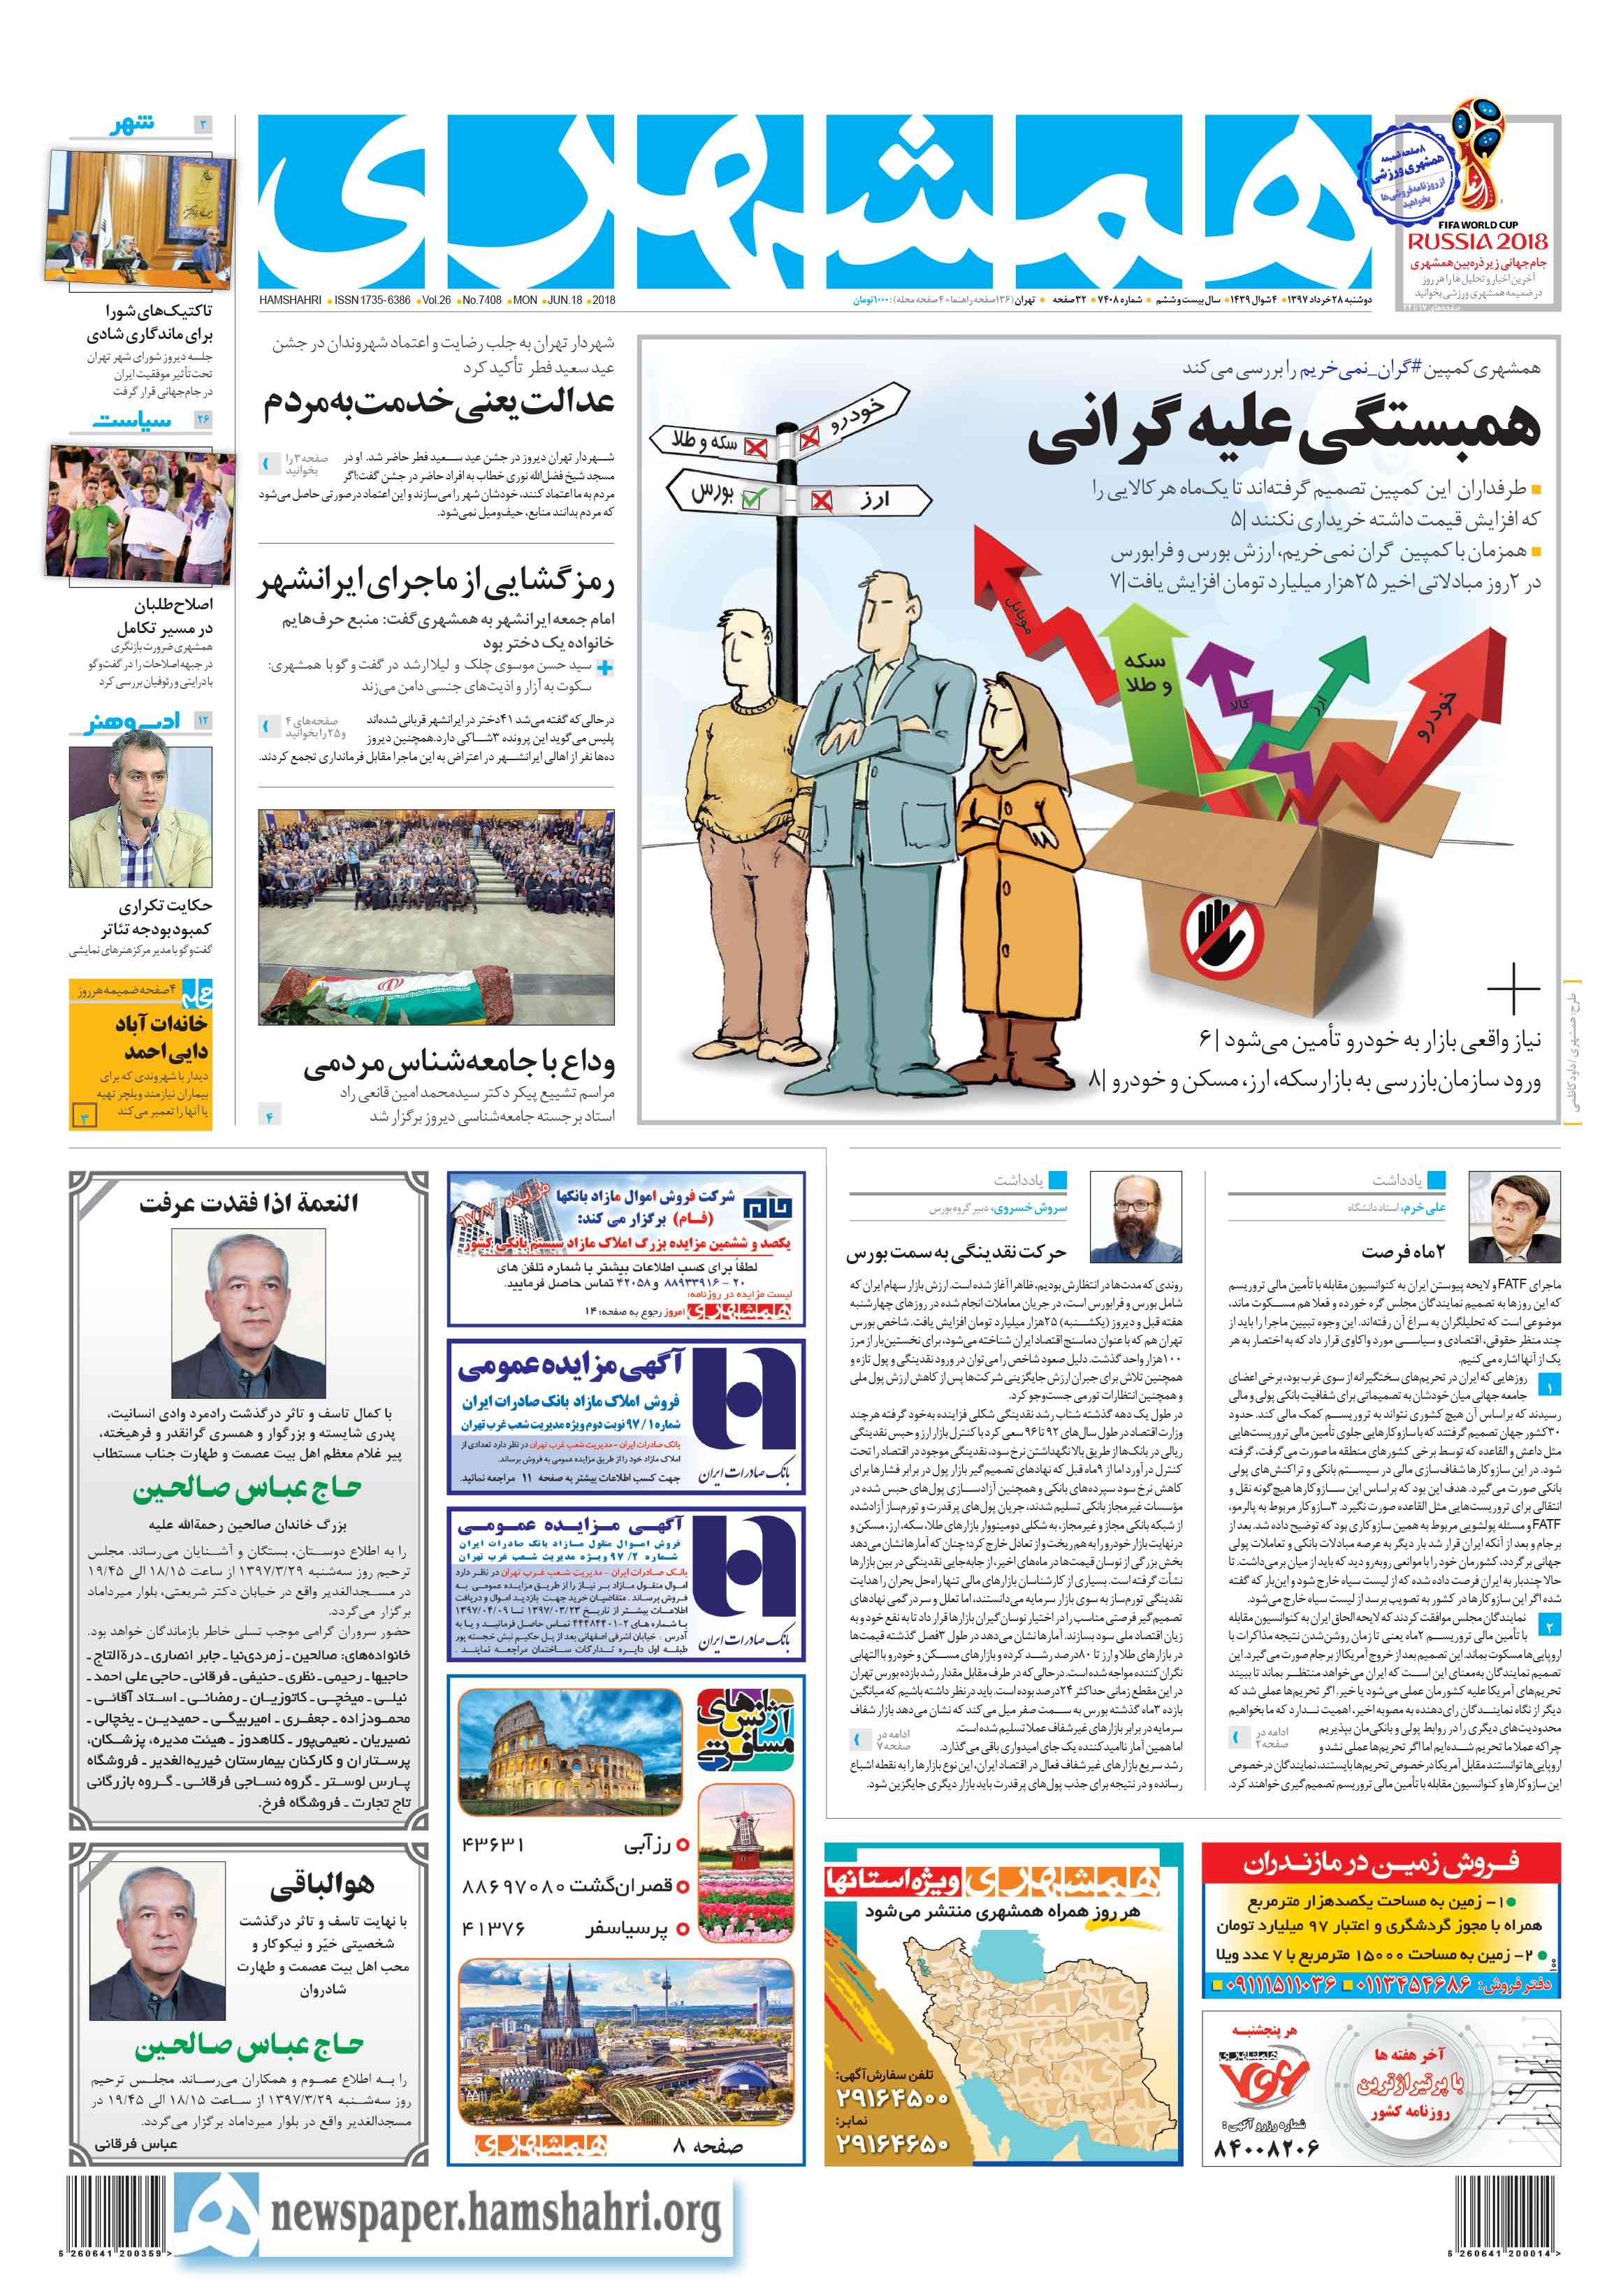 صفحه اول دوشنبه 28 خرداد 1397